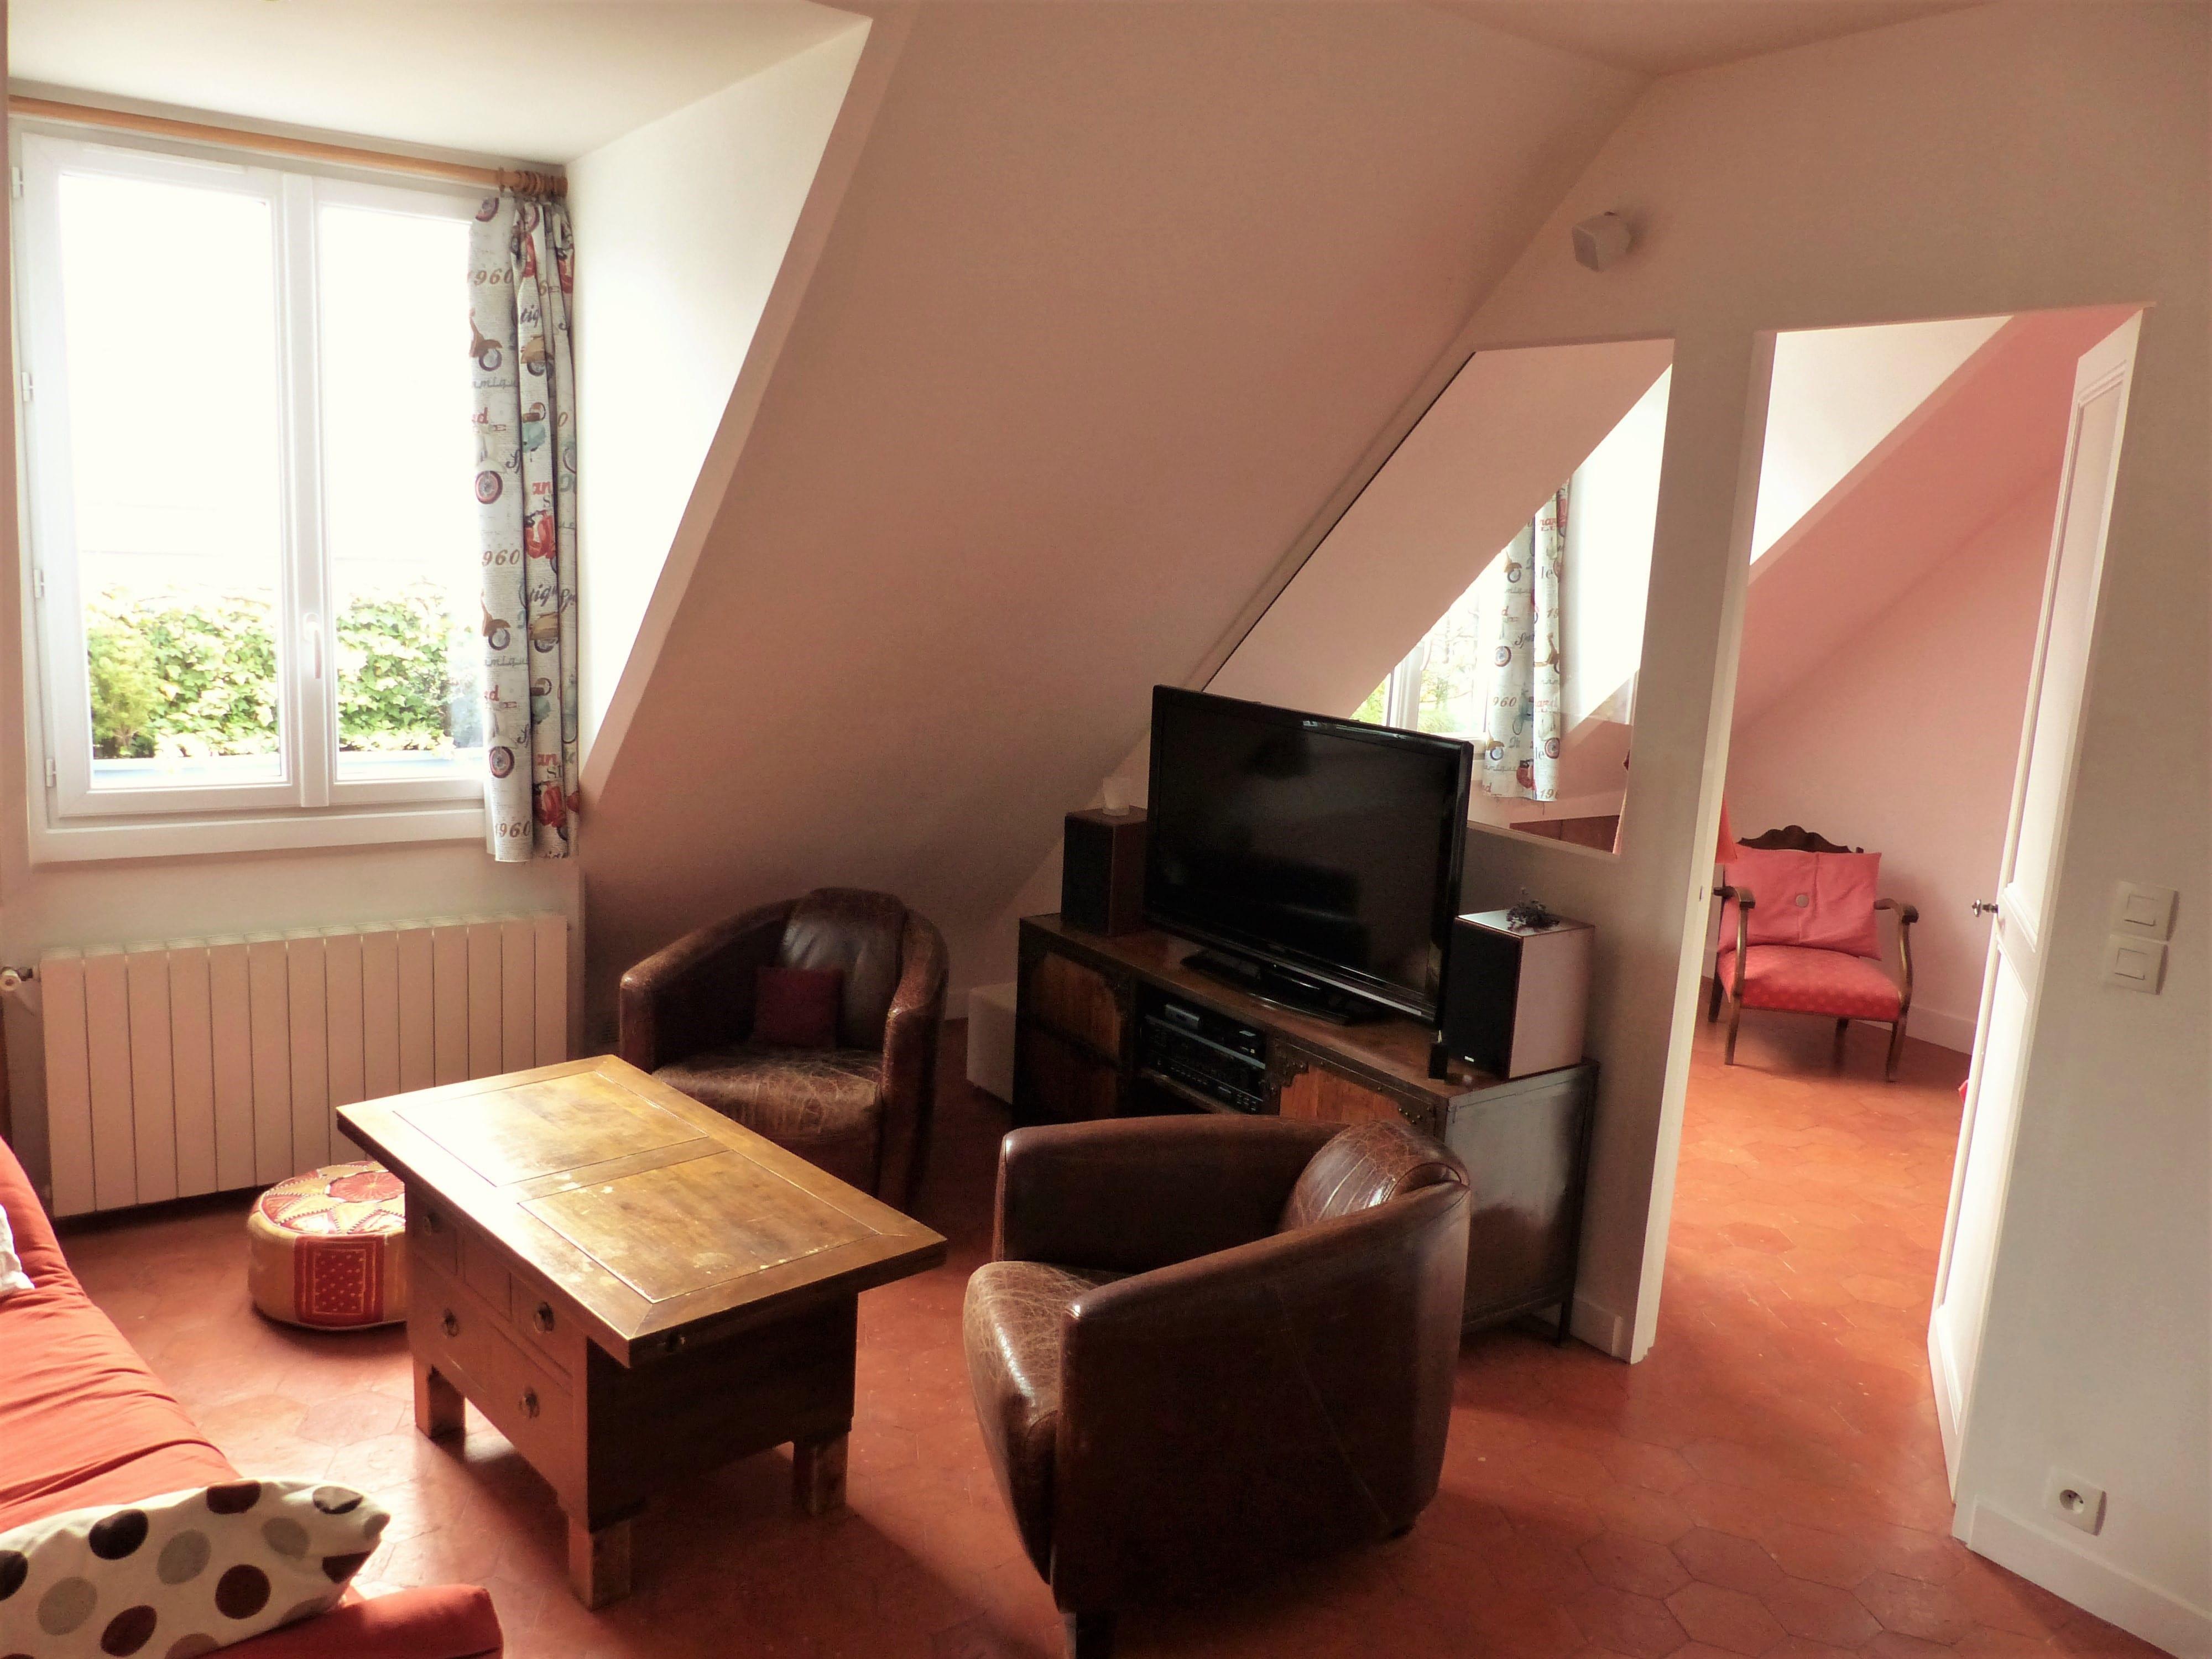 PropriLib l'agence immobilière en ligne vend cet appartement à Paris 17 ème